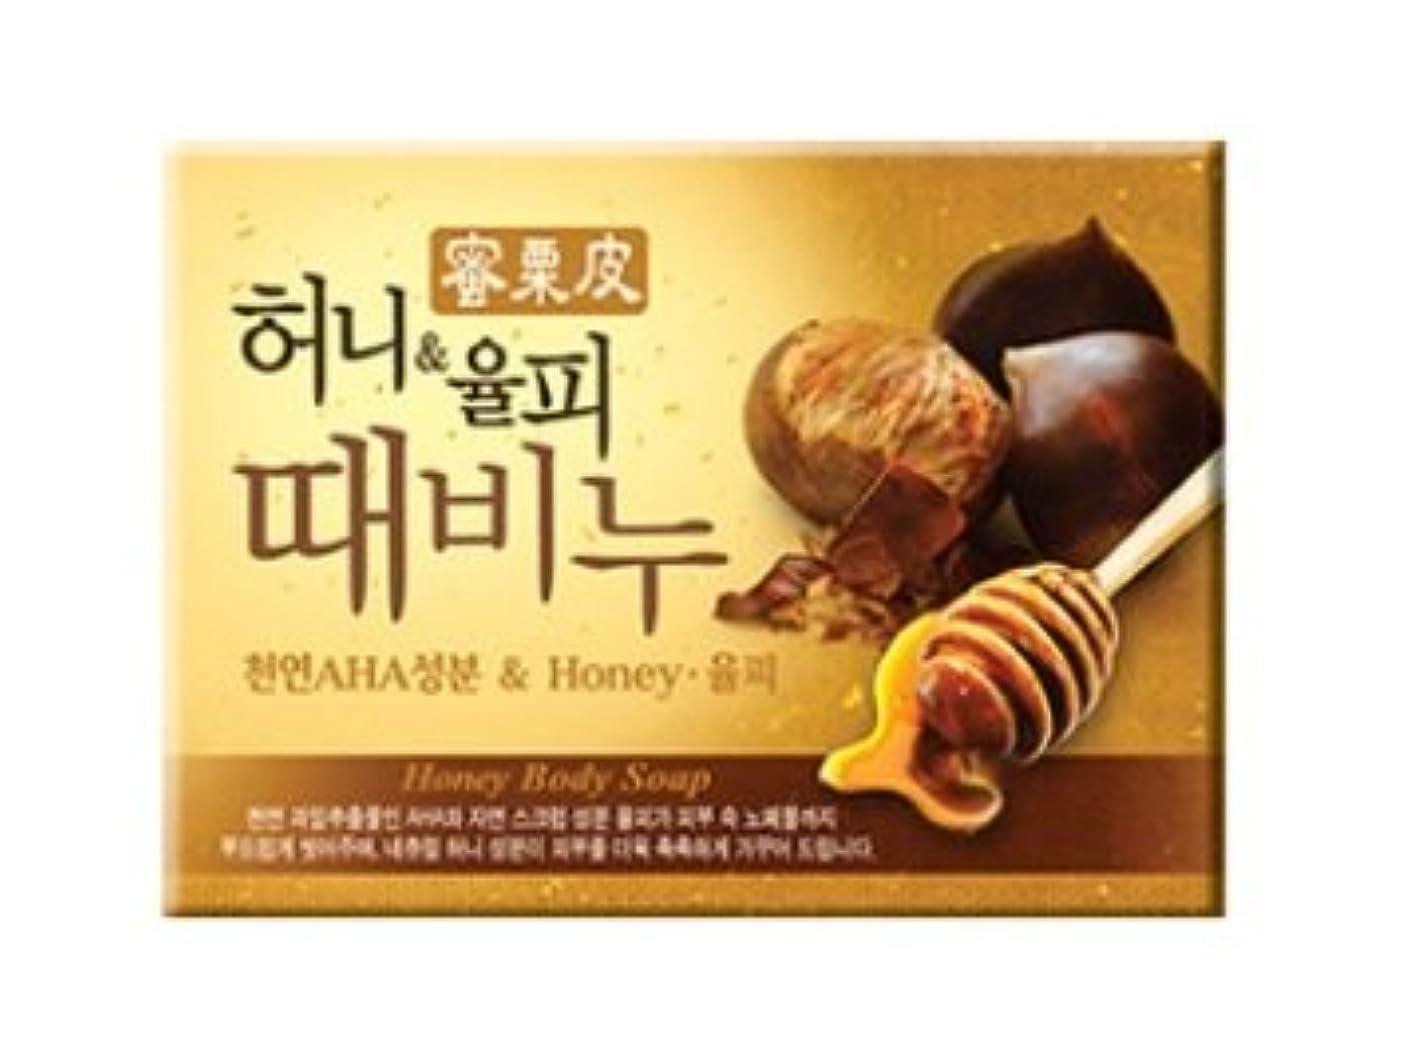 バリー取り消す免疫するハニー栗皮 ソープ 100g / Honey Body Soap [並行輸入品]